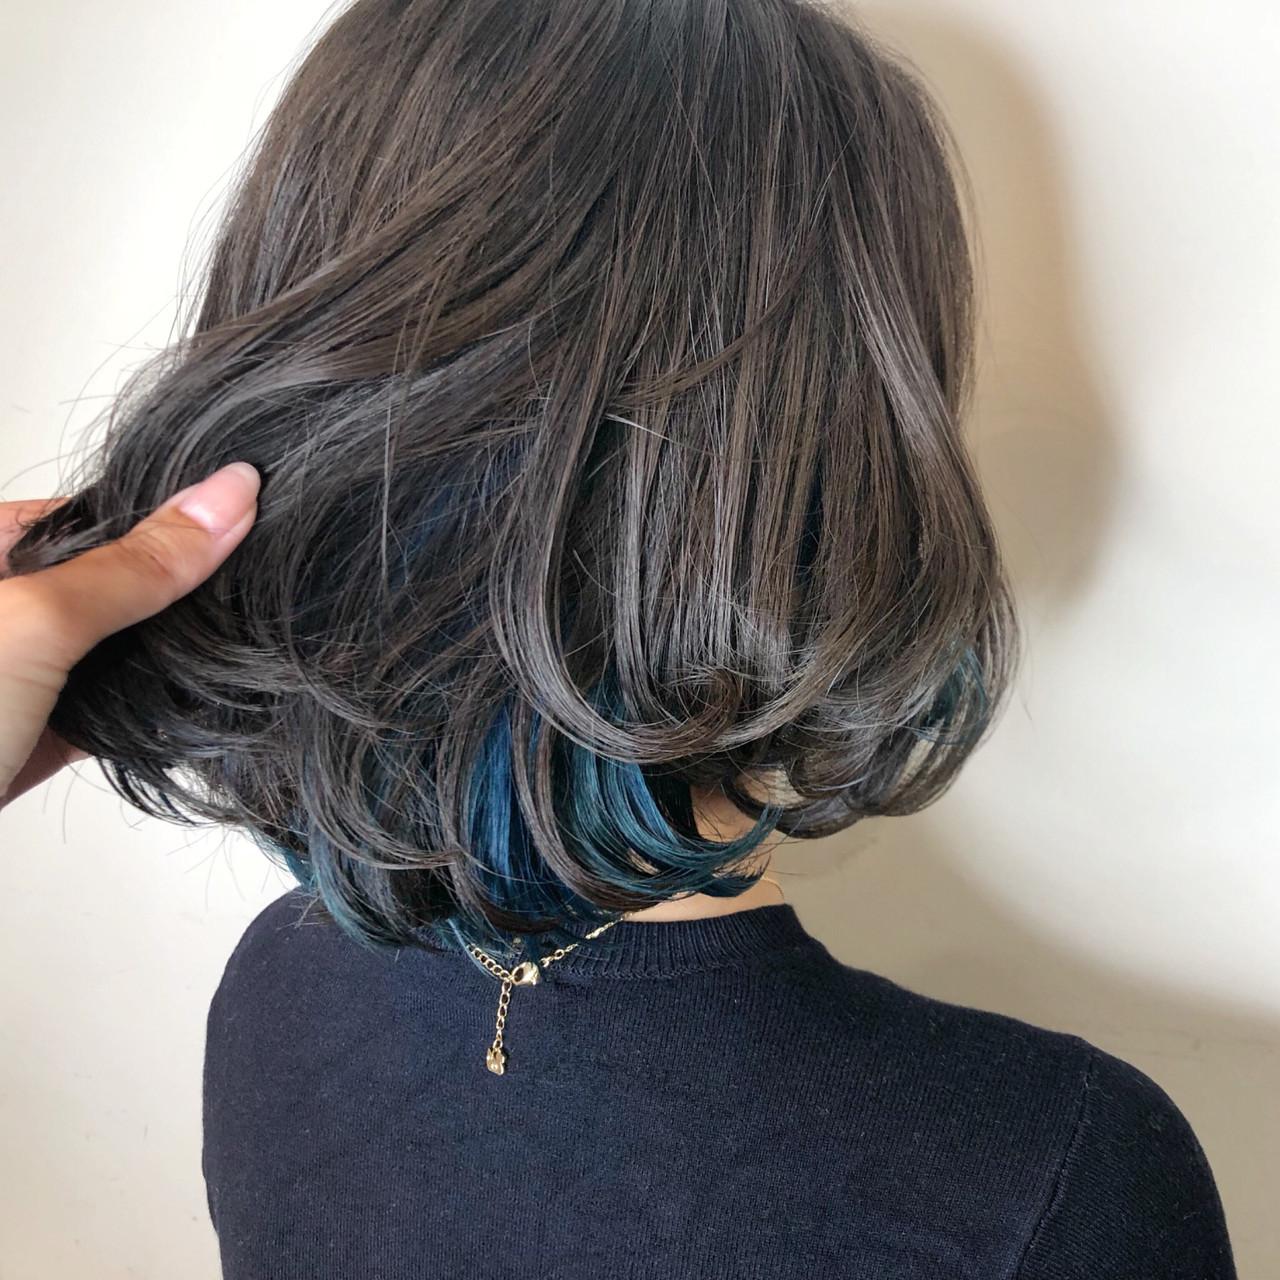 インナーカラー 愛され ゆるふわ ガーリー ヘアスタイルや髪型の写真・画像